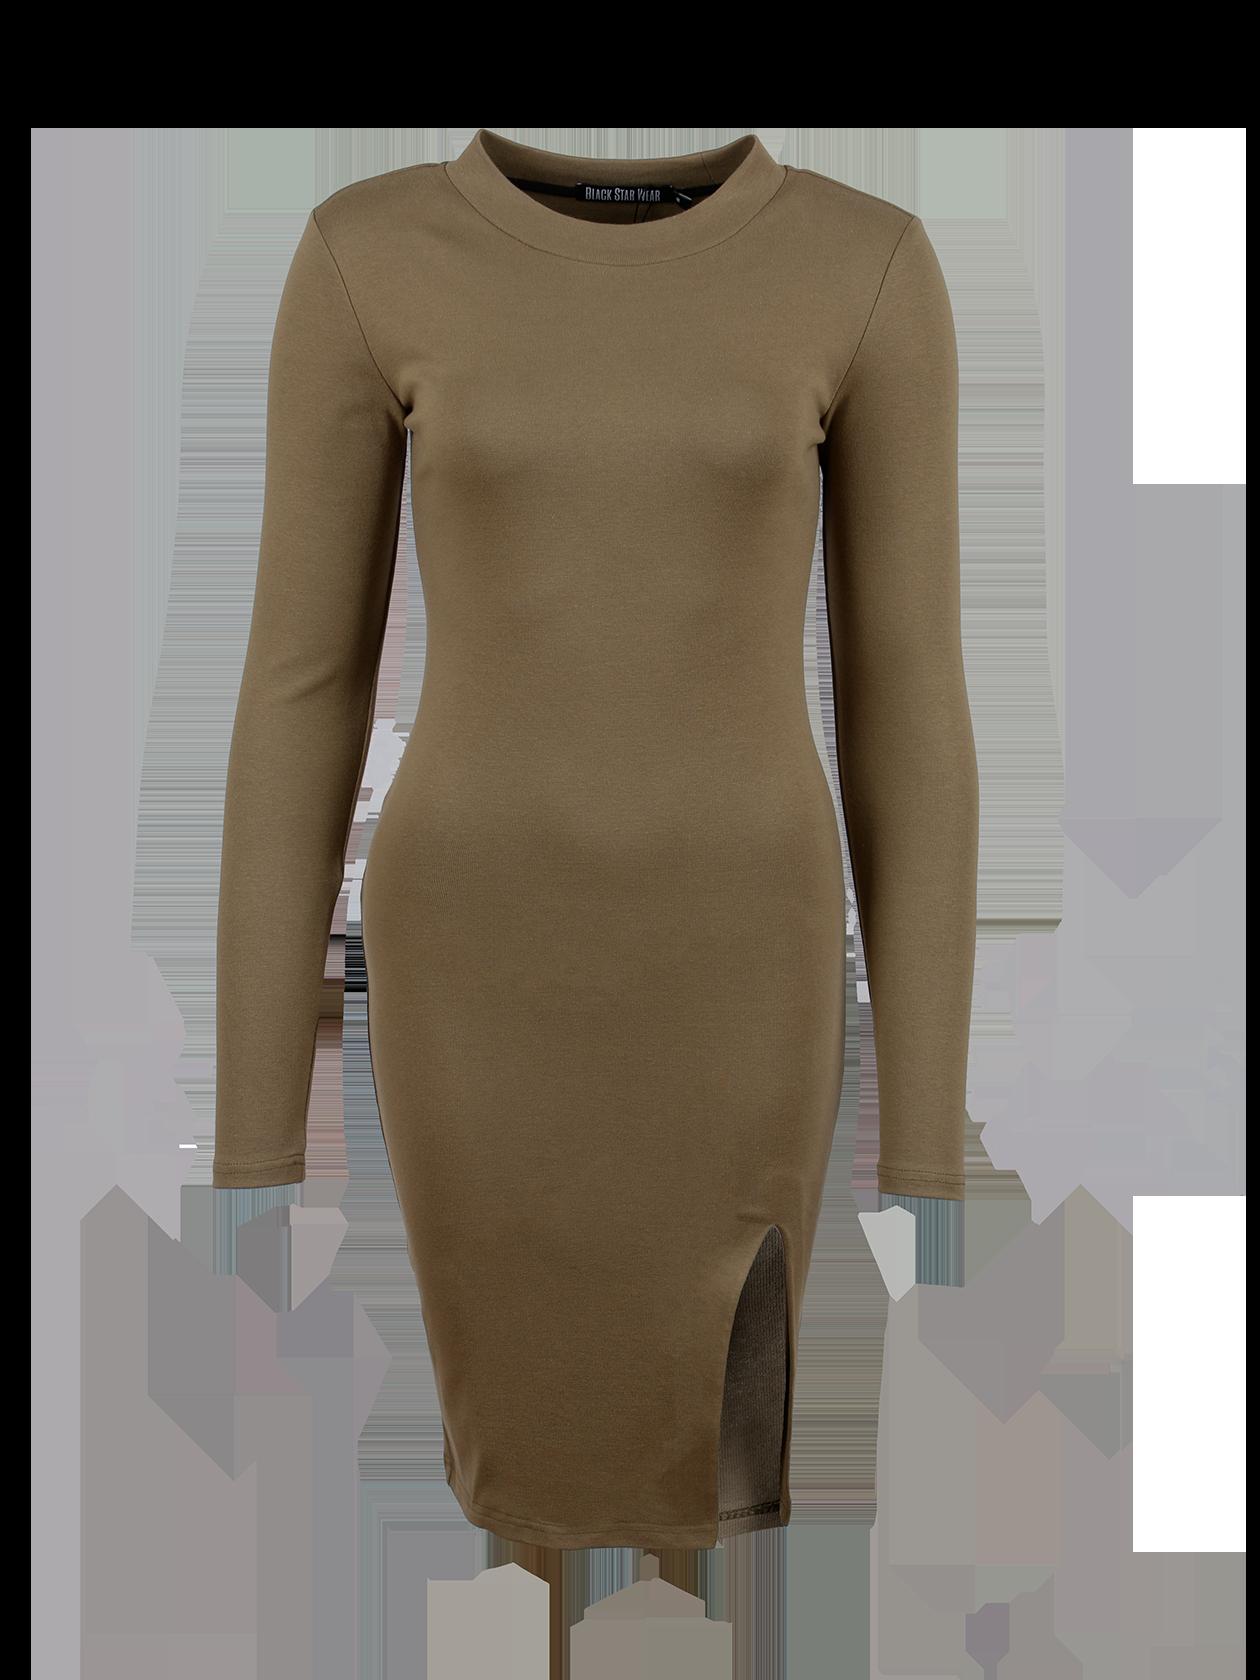 Womens dress SKINNY CUTПлатье Skinny Cut, представленное в коллекции Black Star Wear, станет незаменимой вещью в гардеробе. Модель приятного светло-коричневого оттенка облегающего силуэта выгодно подчеркнет достоинства фигуры. Лаконичный дизайн дополнен небольшим боковым разрезом спереди. Горловина средней глубины с обтачкой из основного материала. Изделие выполнено из бленда натурального хлопка с небольшой примесью эластана, хорошо держит форму и отличается практичностью.<br><br>size: S<br>color: Khaki<br>gender: female